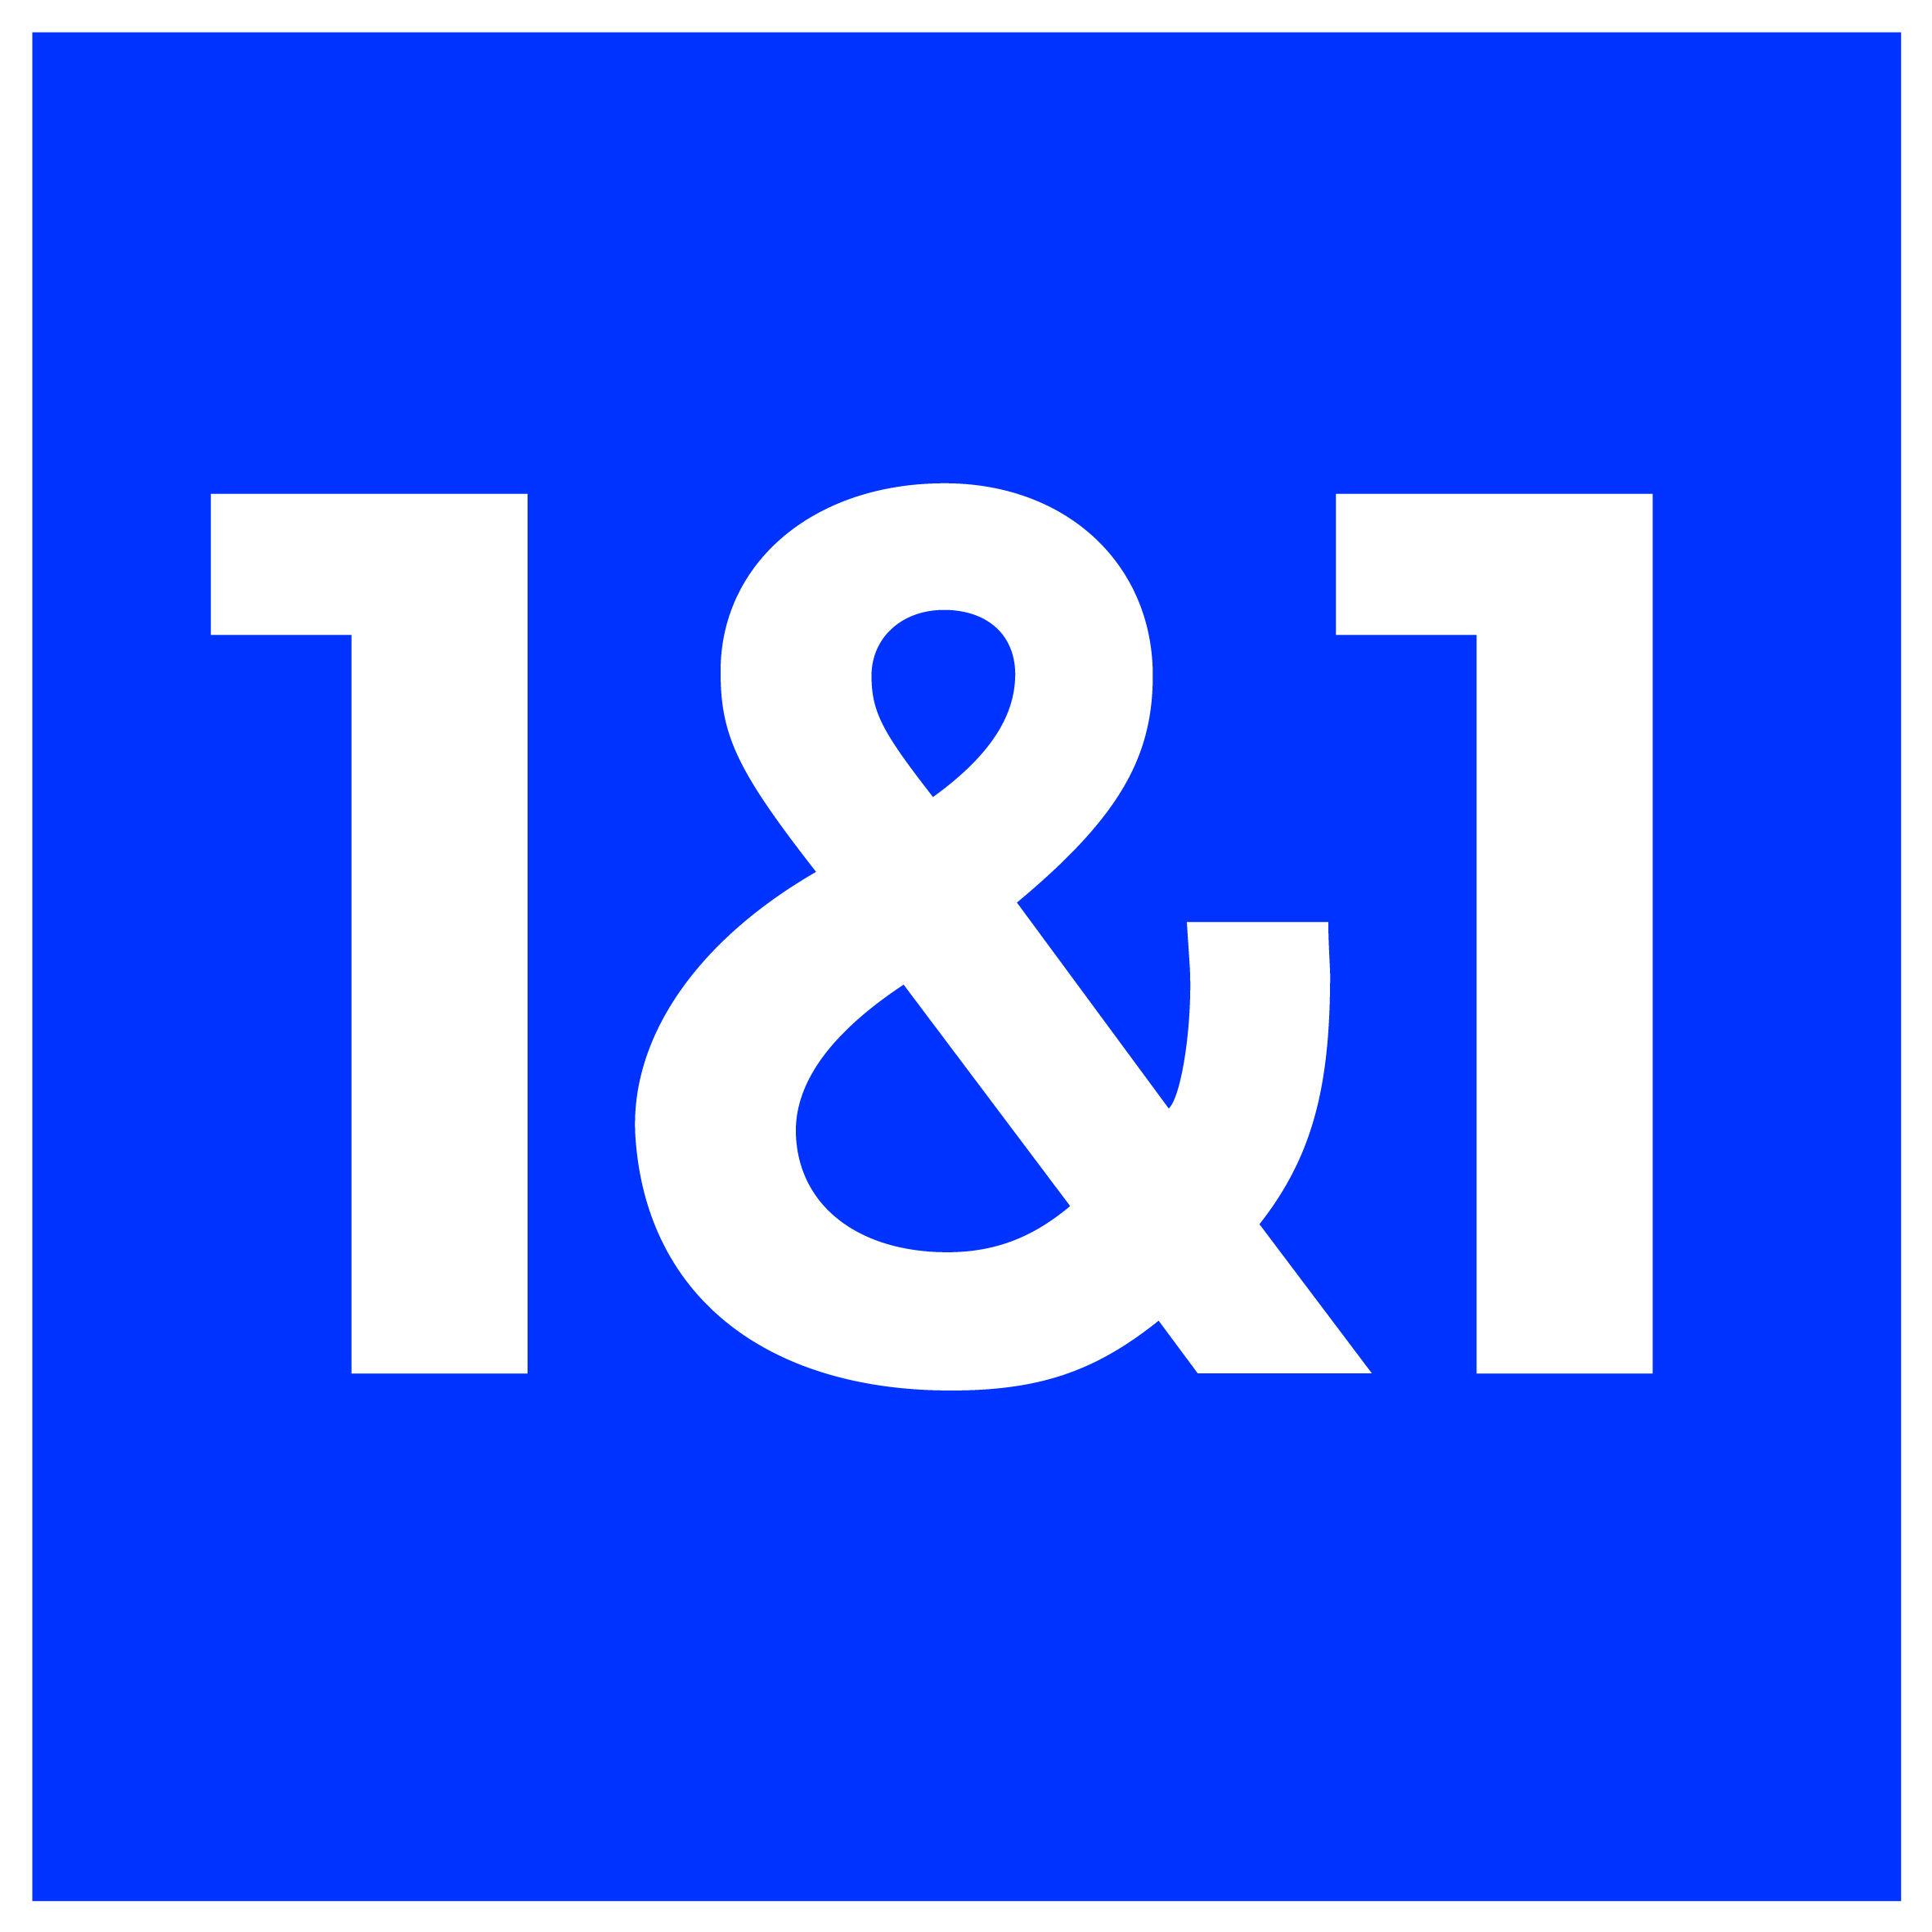 1&1 Internet: więcej aplikacji w MyWebsite